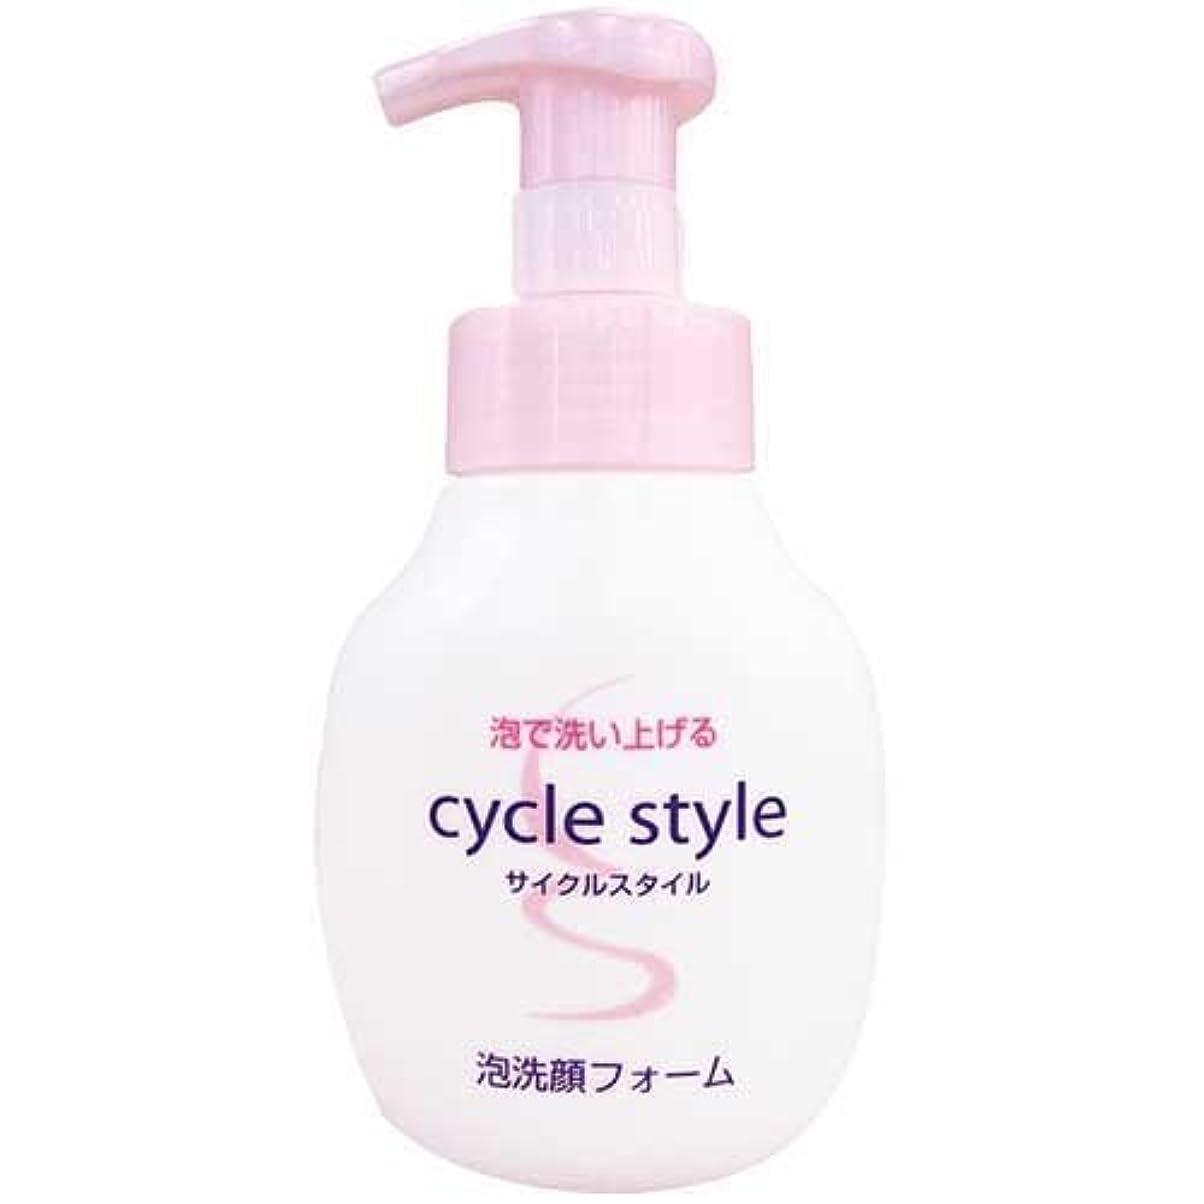 彼らは外向きドリンクサイクルスタイル 泡洗顔フォーム 本体 250ml 【まとめ買い120個セット】